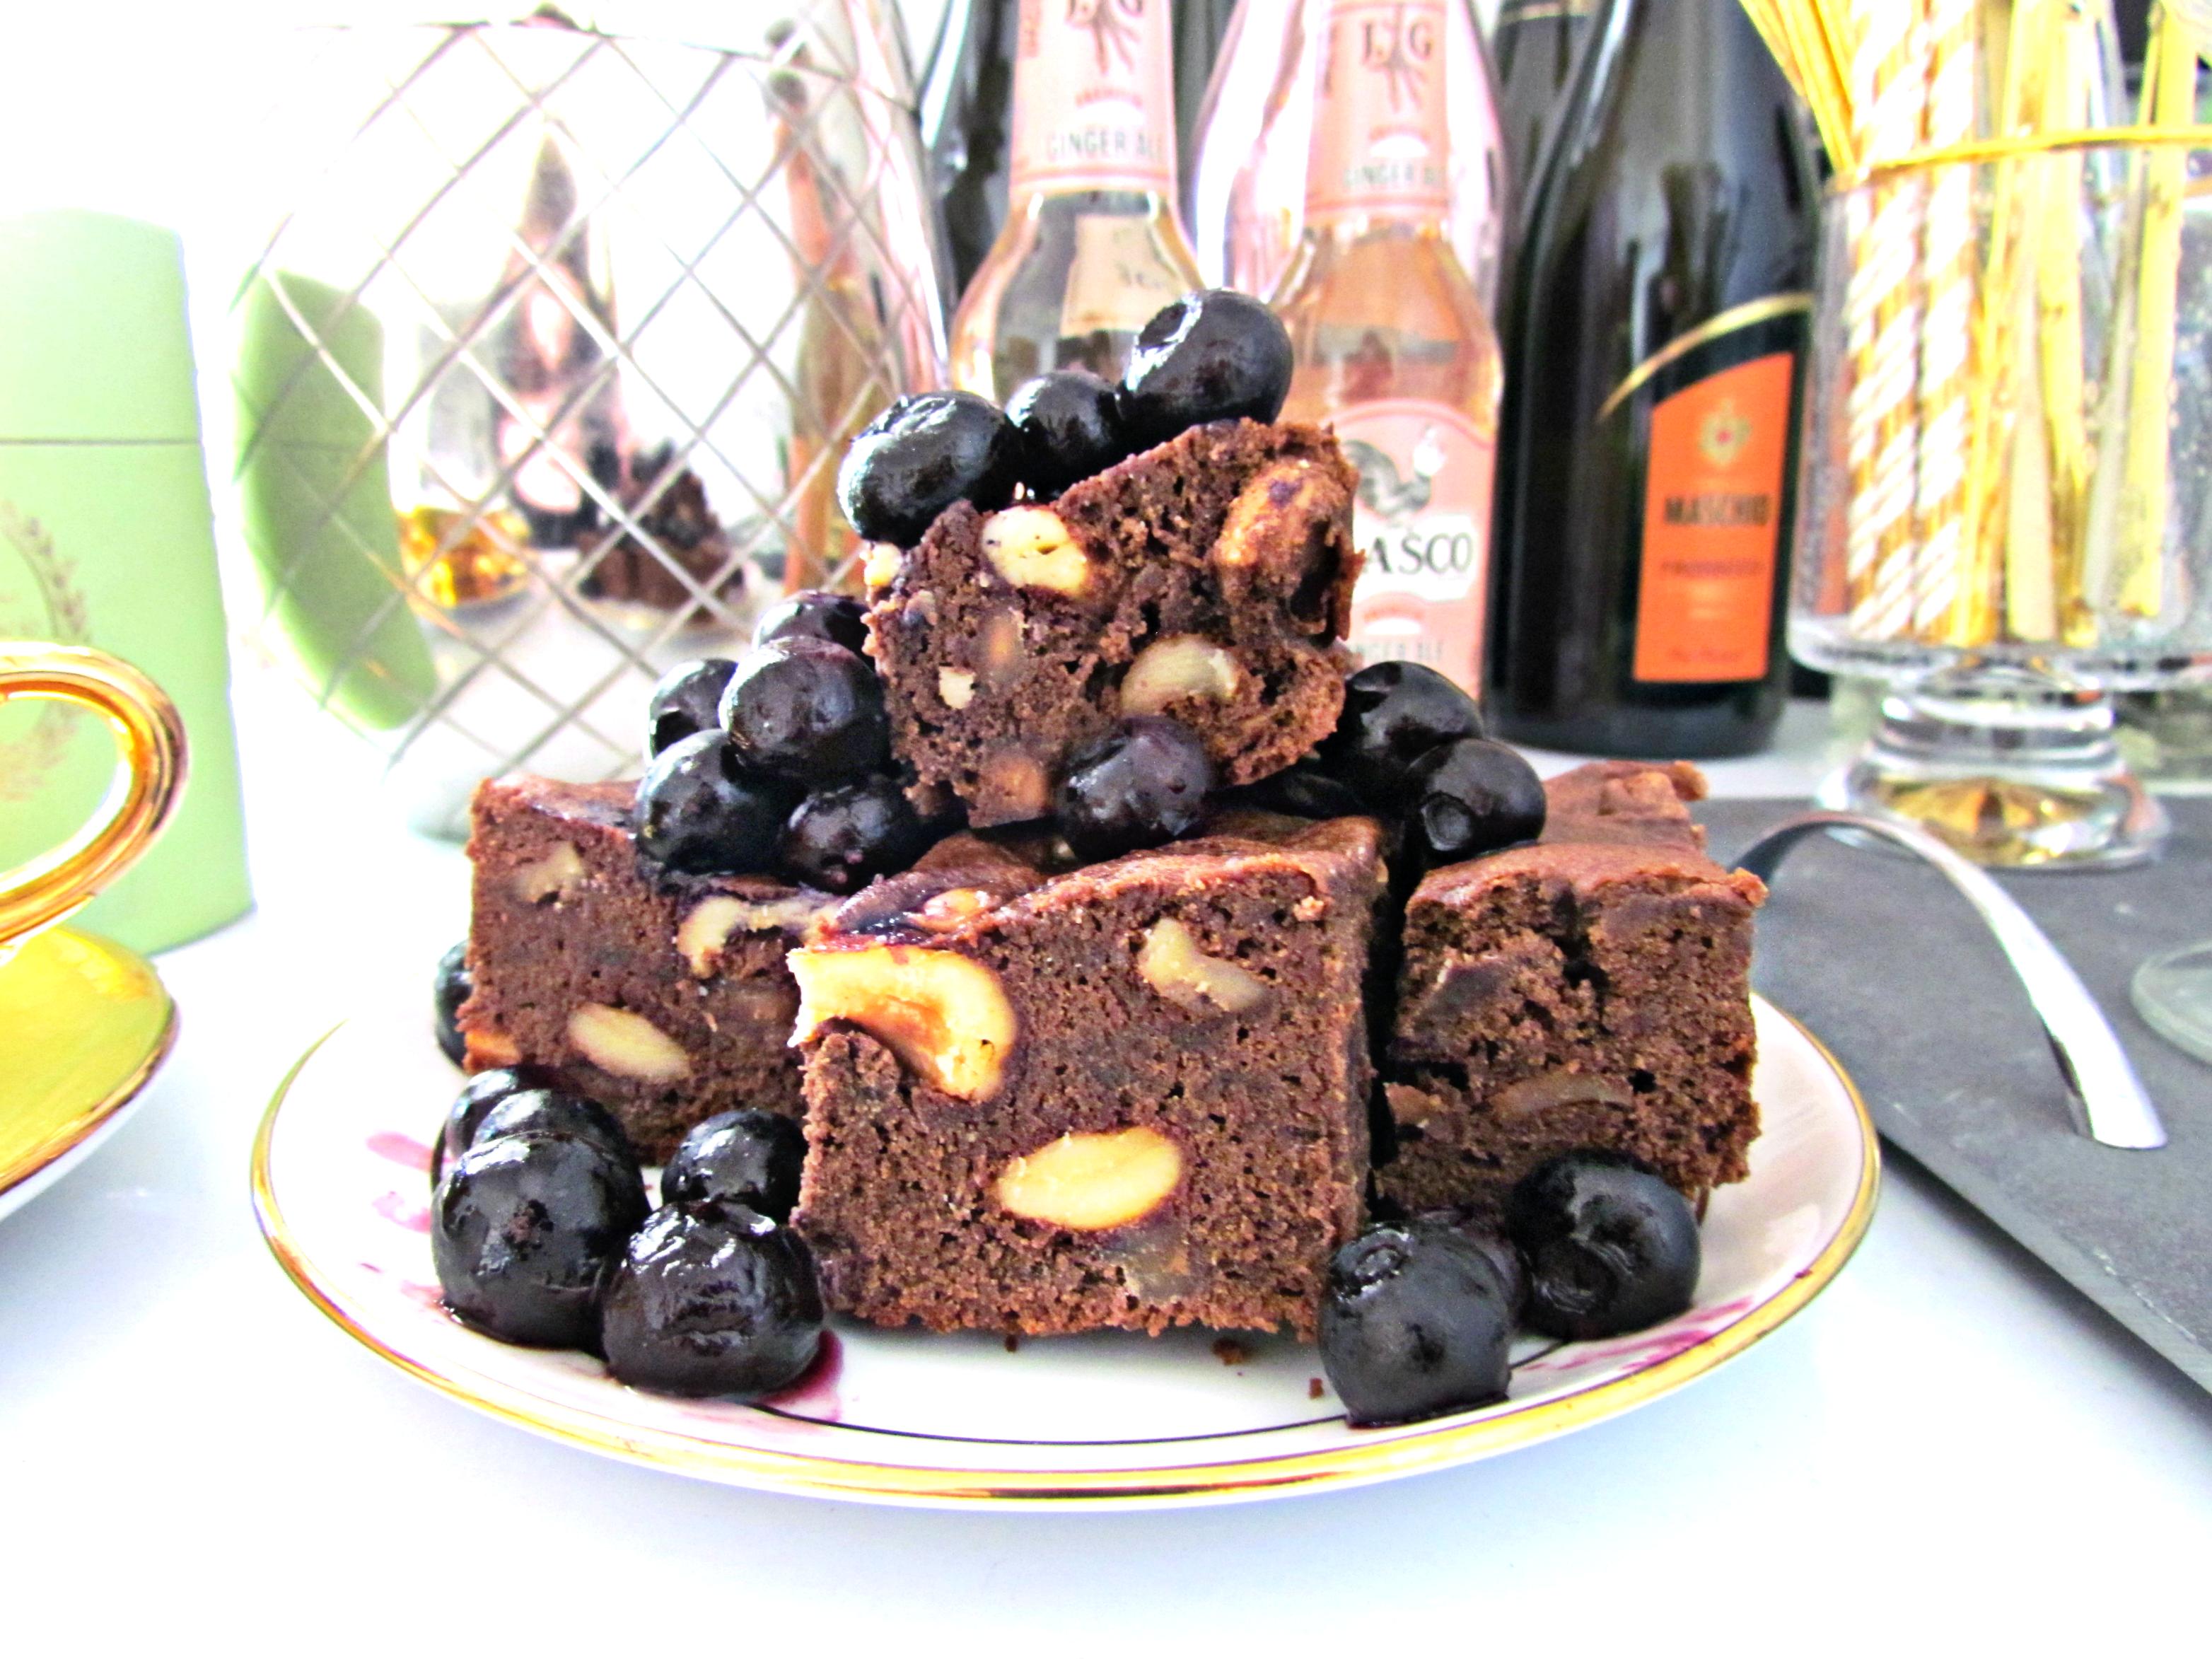 Gluten Free Chocolate Bliss Cake Recipe